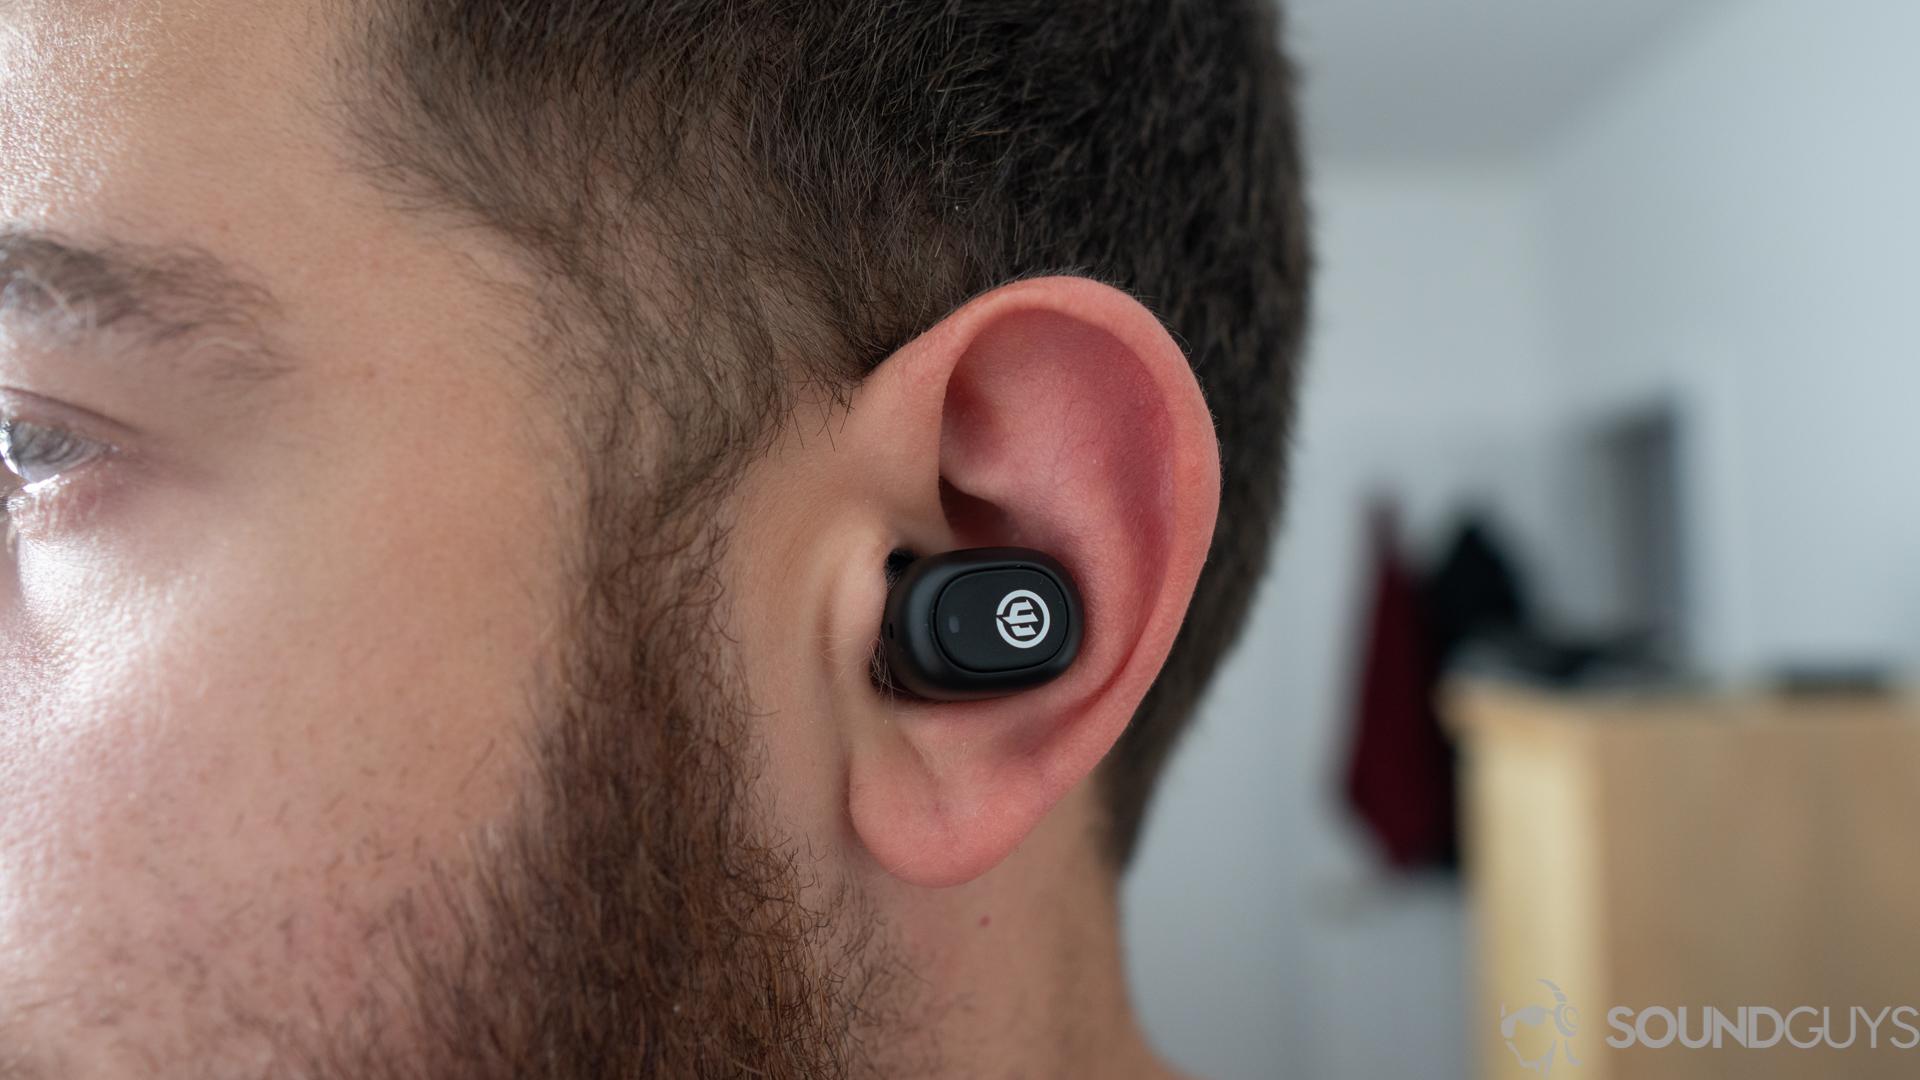 Adam wearing the Wicked Audio Gnar true wireless earbuds